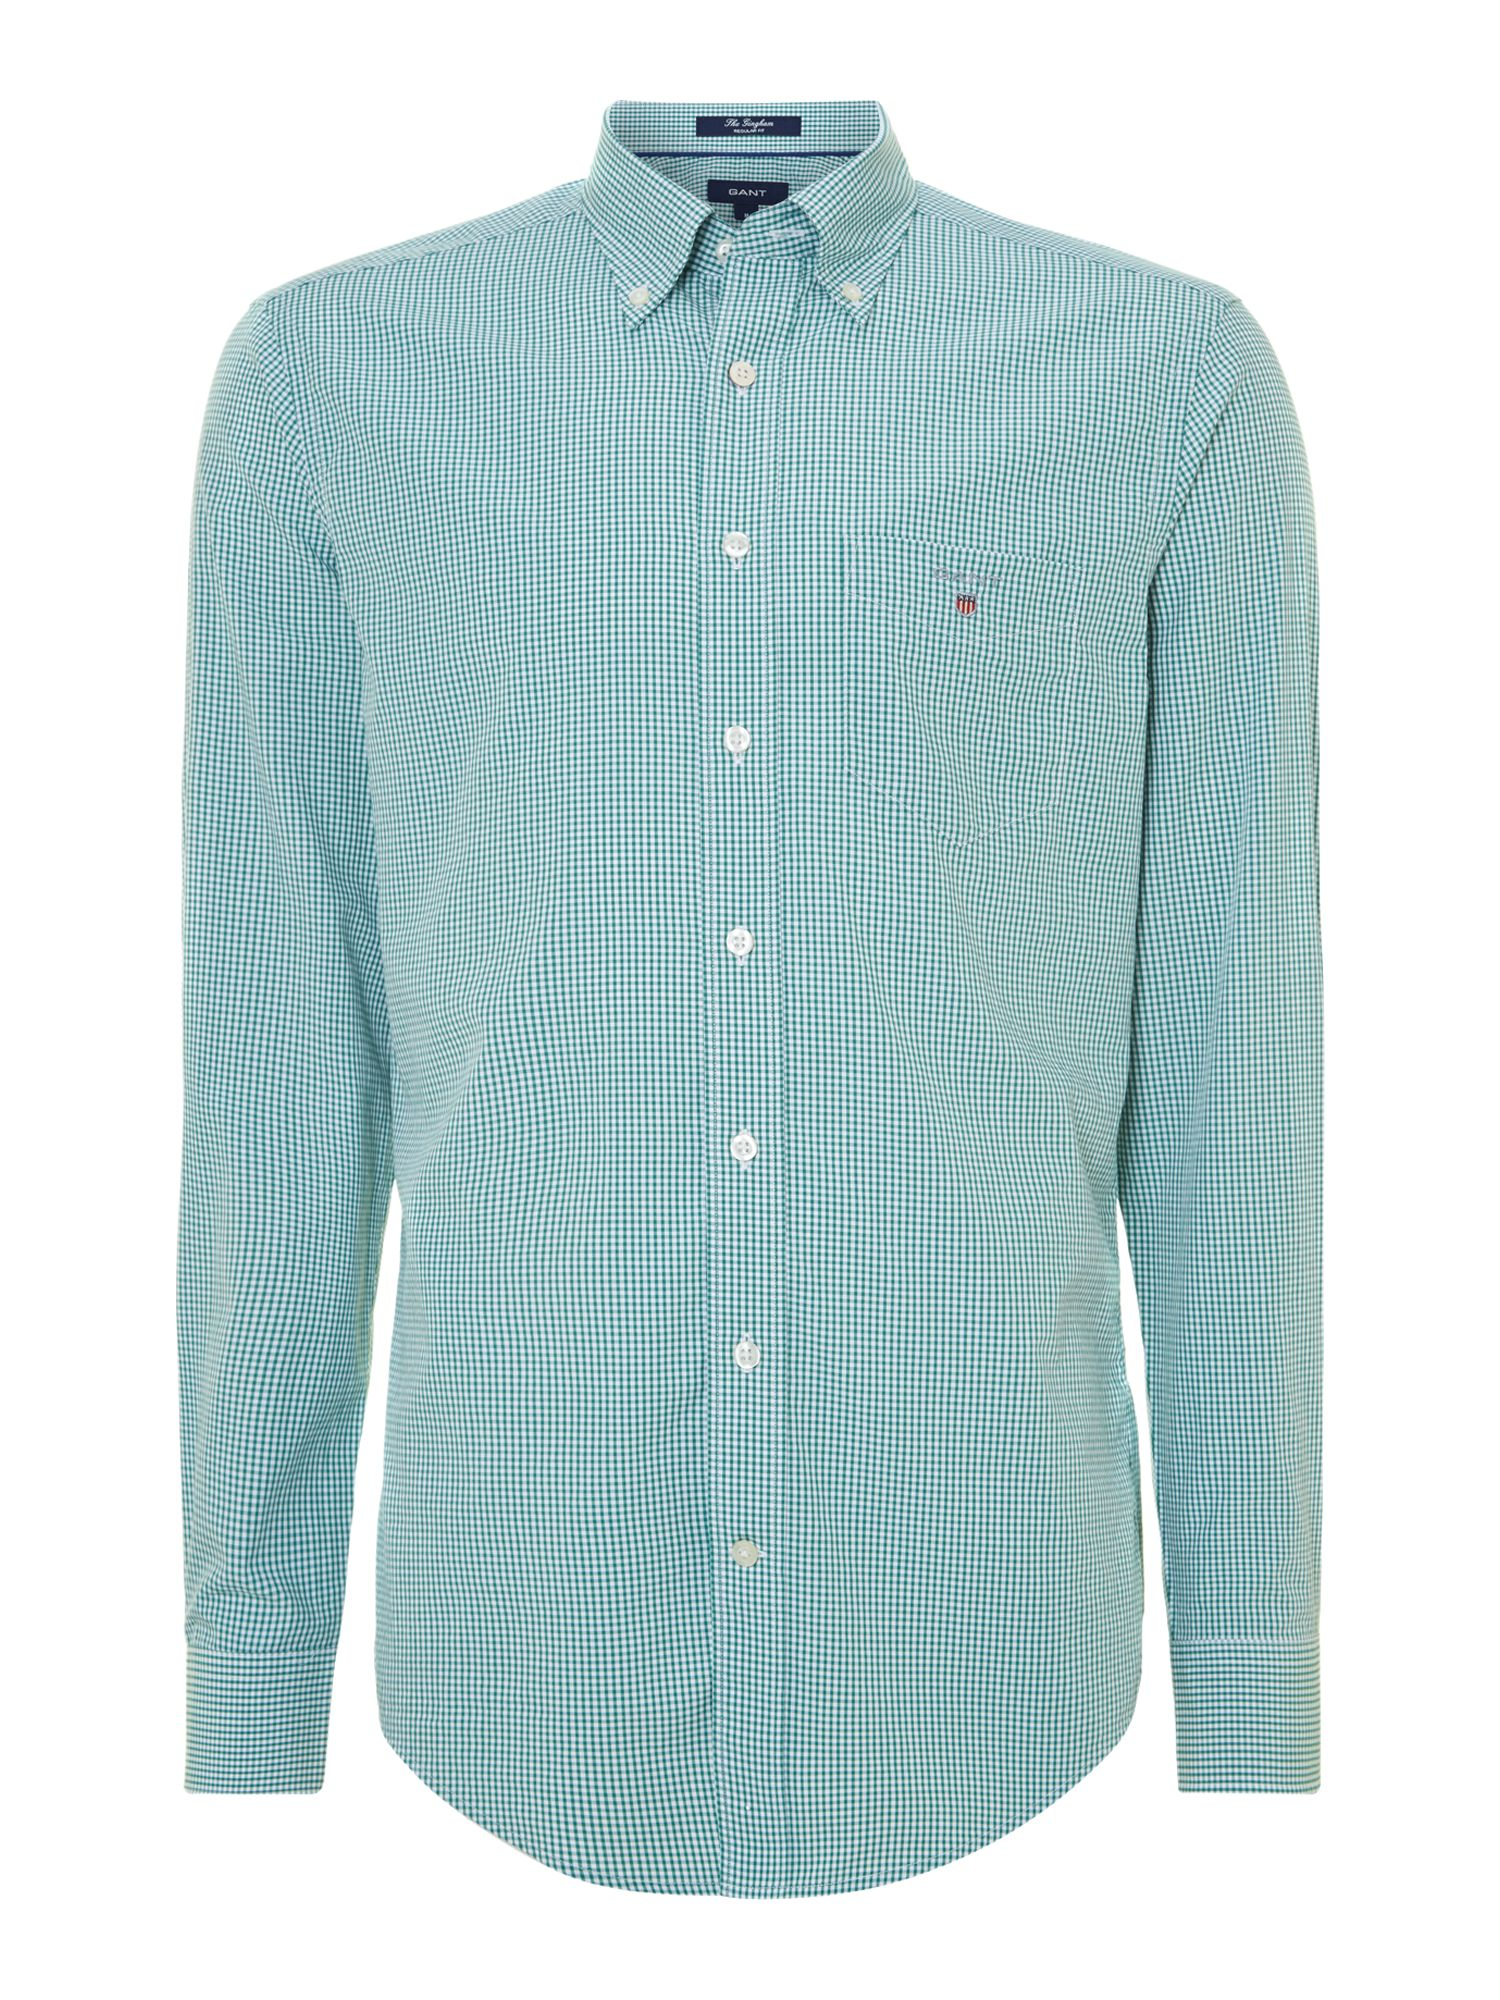 Gant Gingham Poplin Shirt In Green For Men Fern Lyst